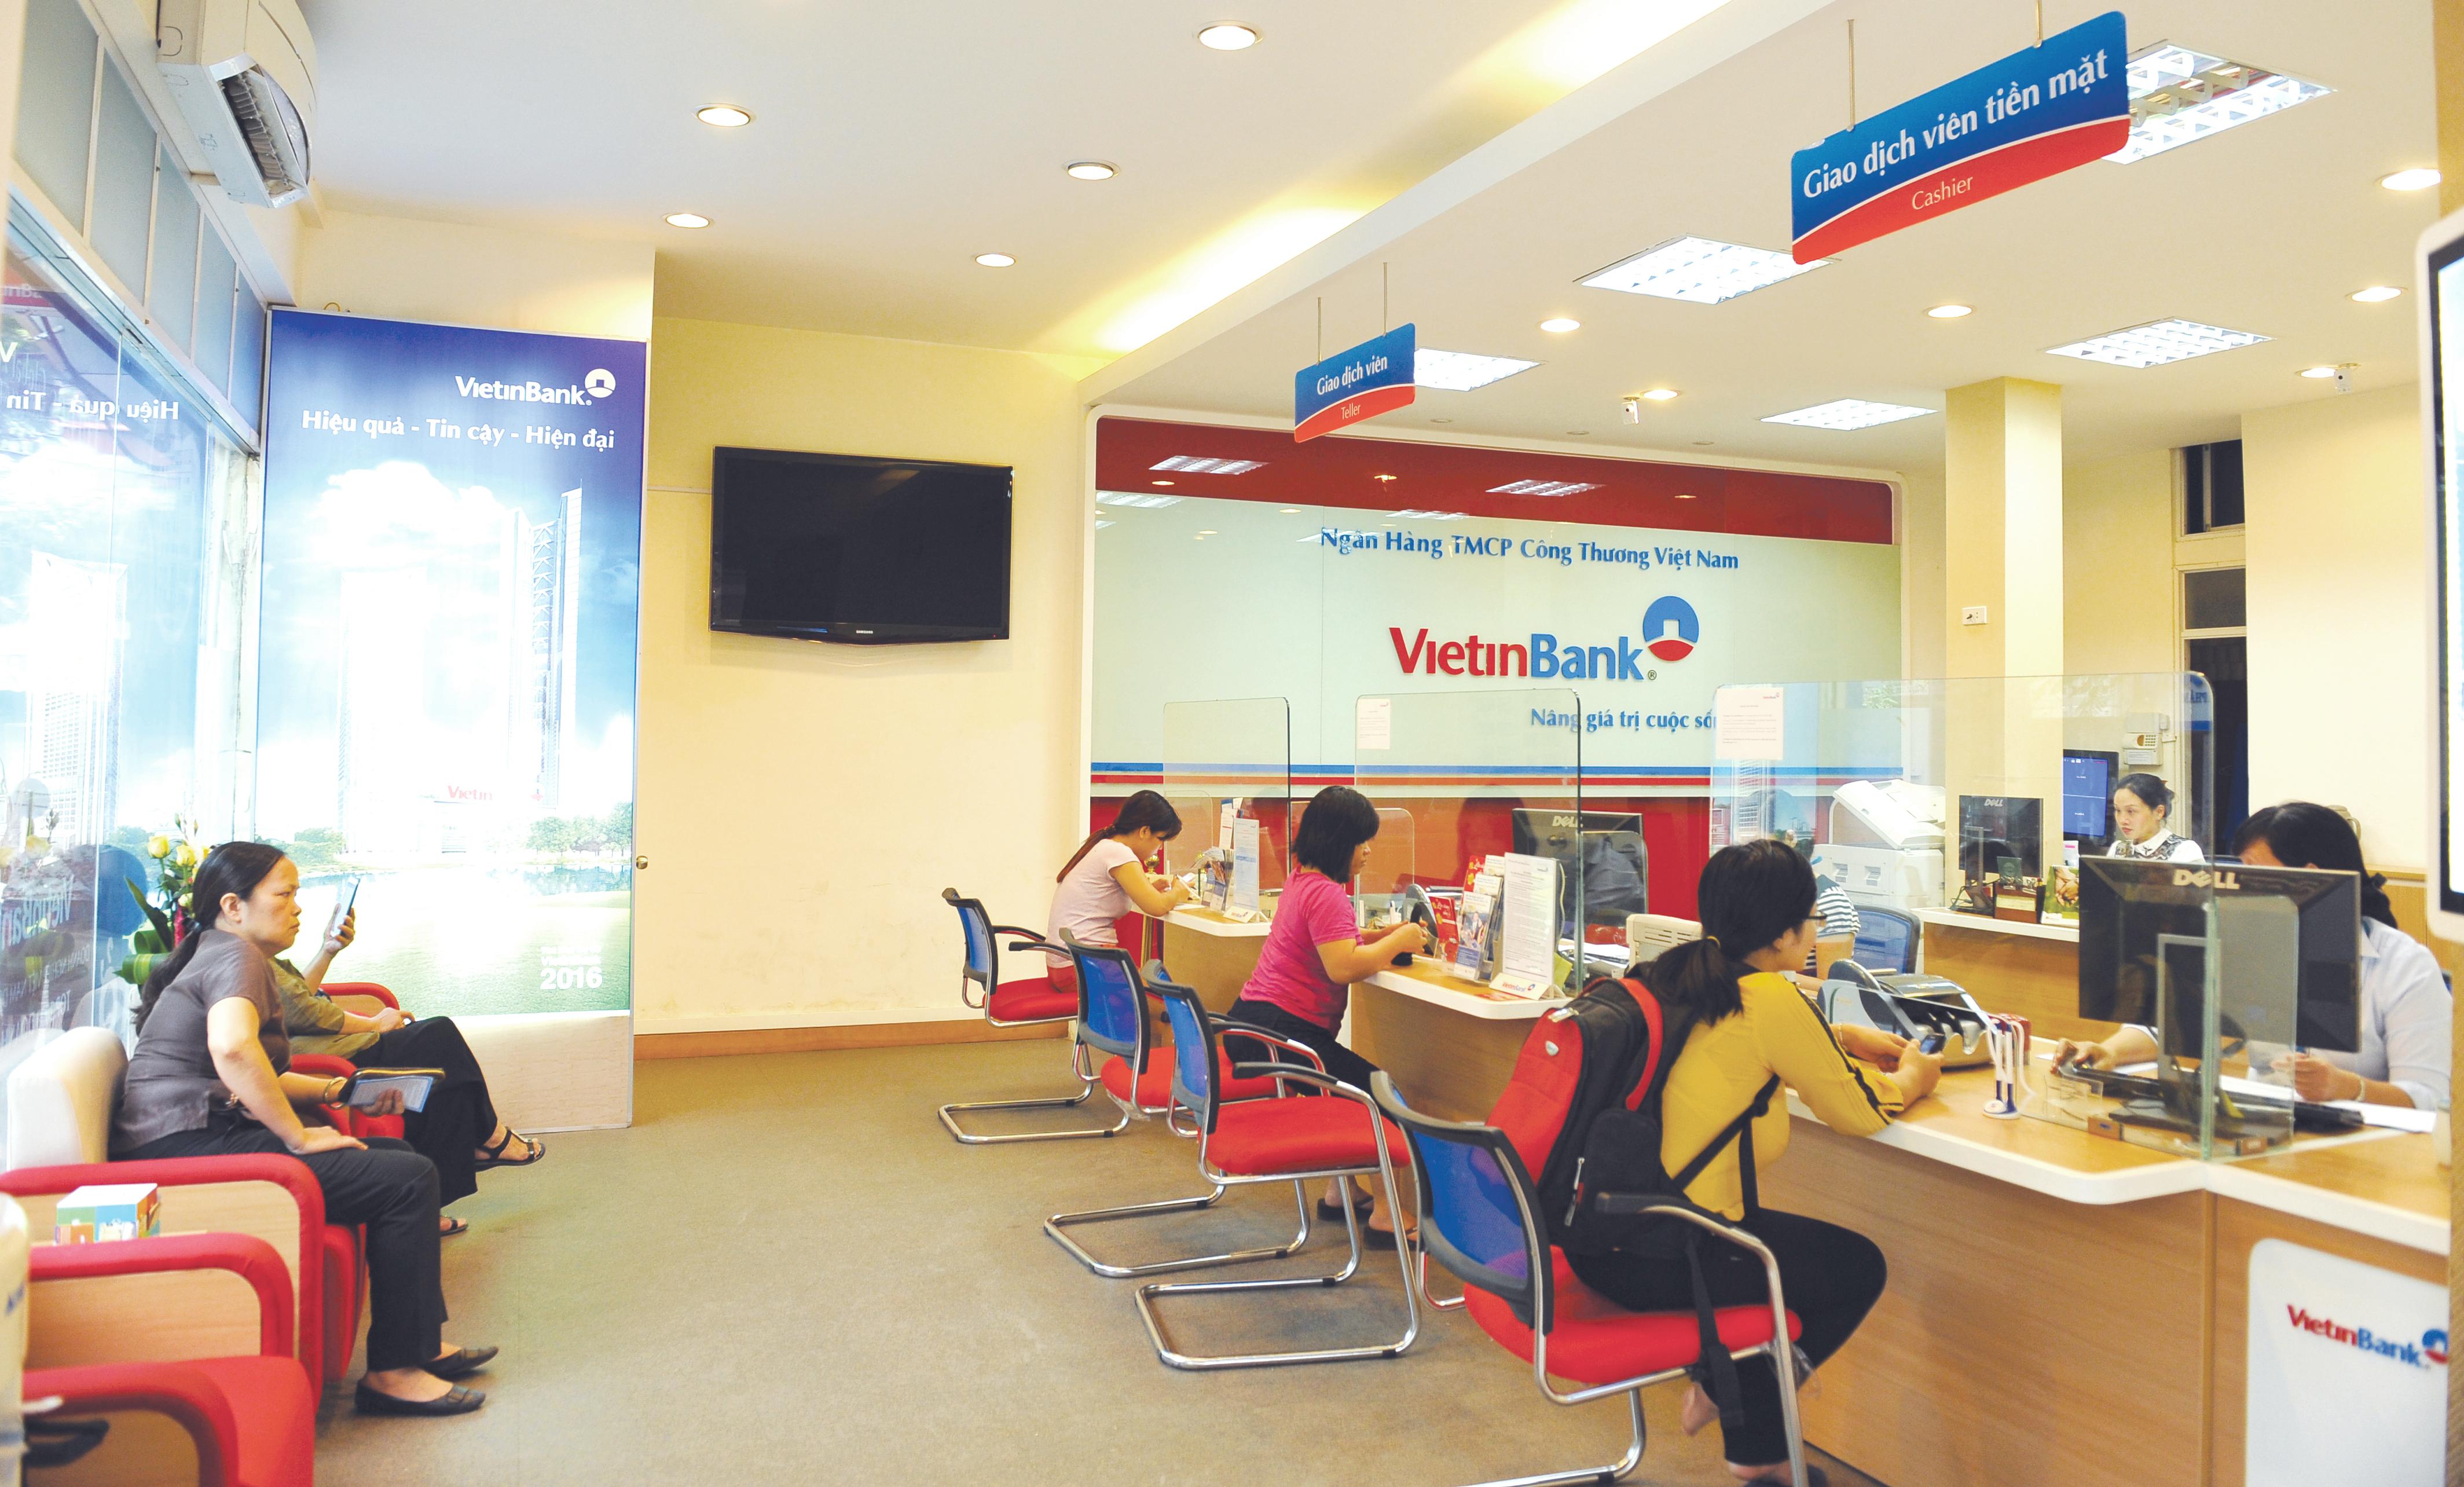 10 cá nhân tranh nhau mua cổ phần của VietinBank tại Saigonbank